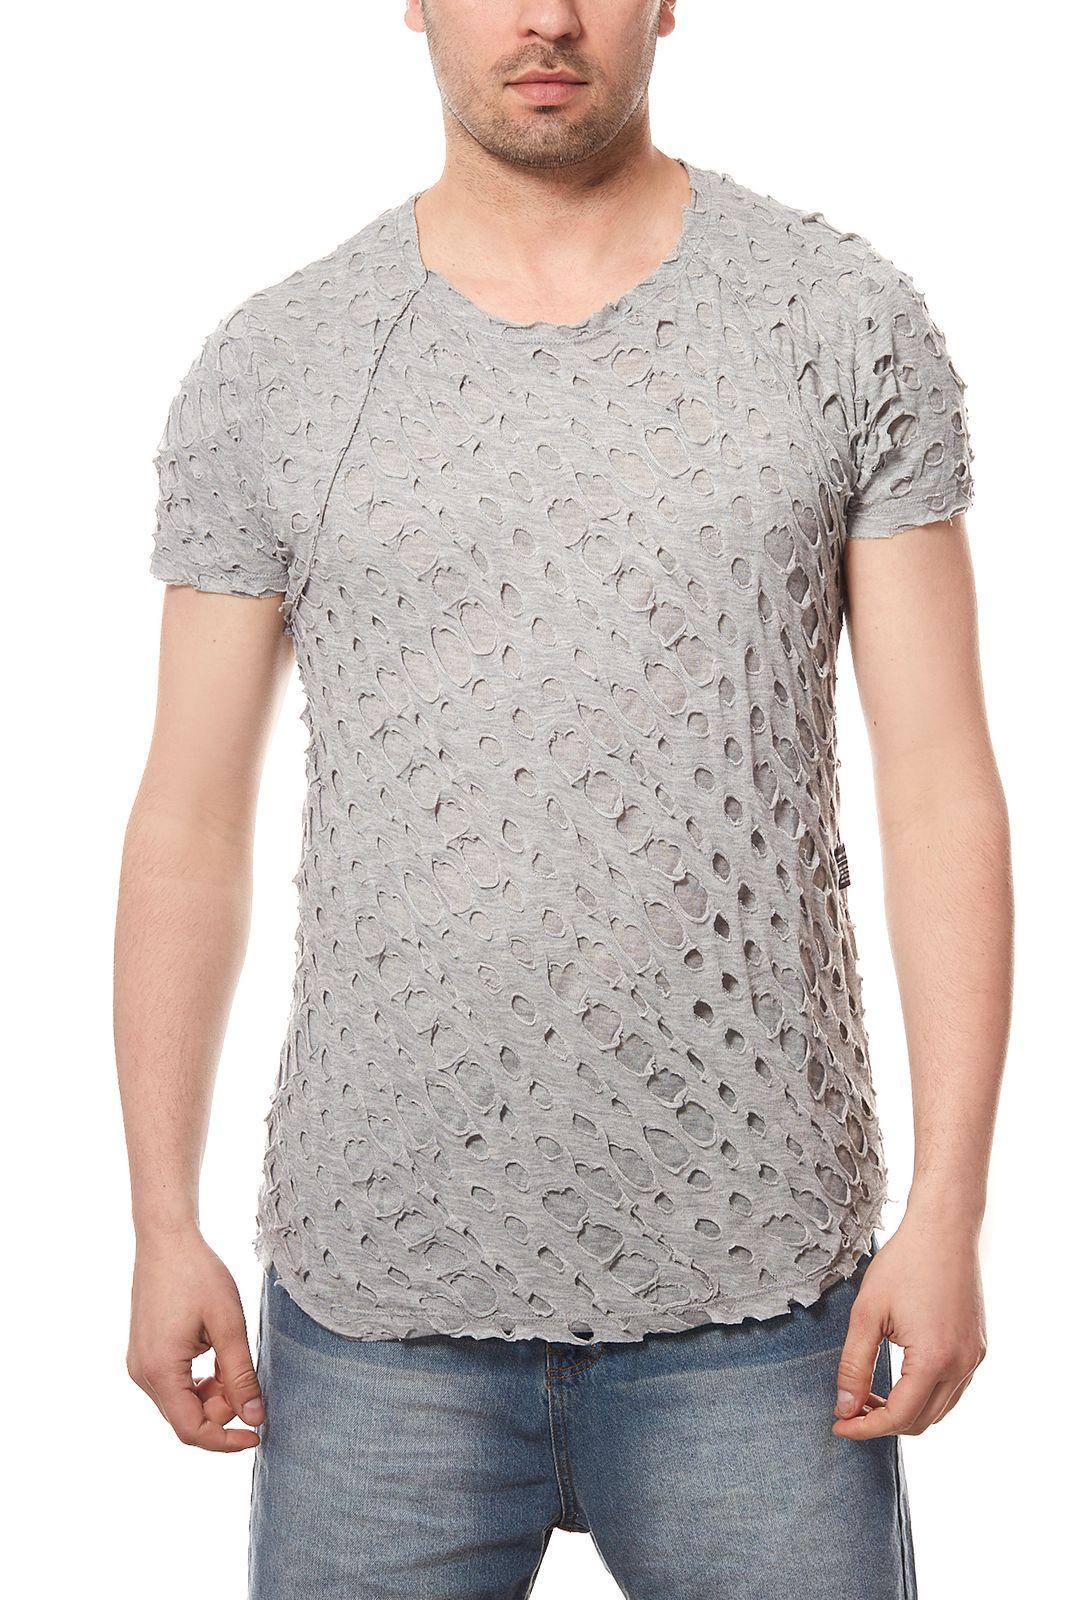 CARISMA Shirt T-Shirt Crewneck Herren Freizeit-Shirt Schwarz Rundhals Slim Fit